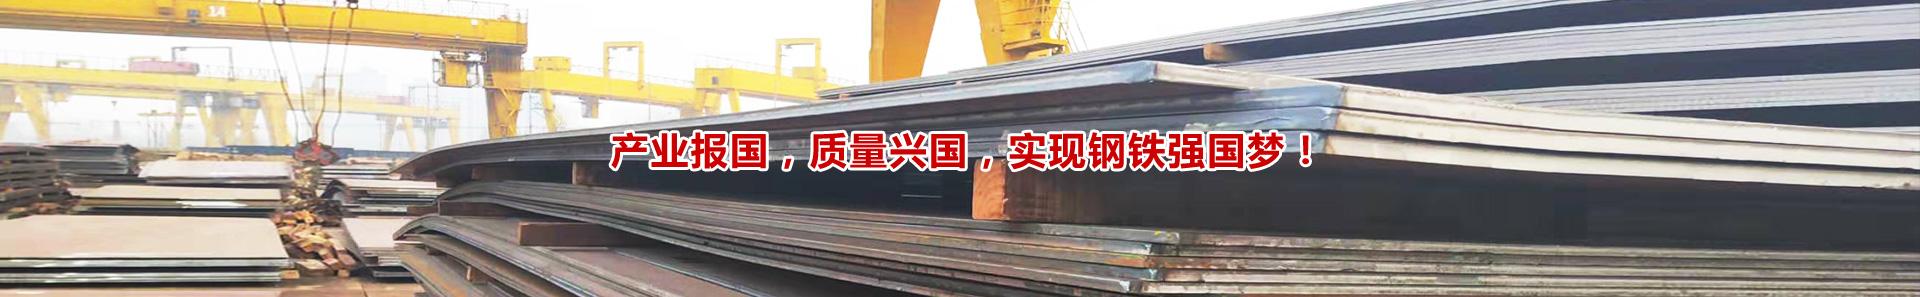 河南恒腾钢铁实业迅雷彩票APP